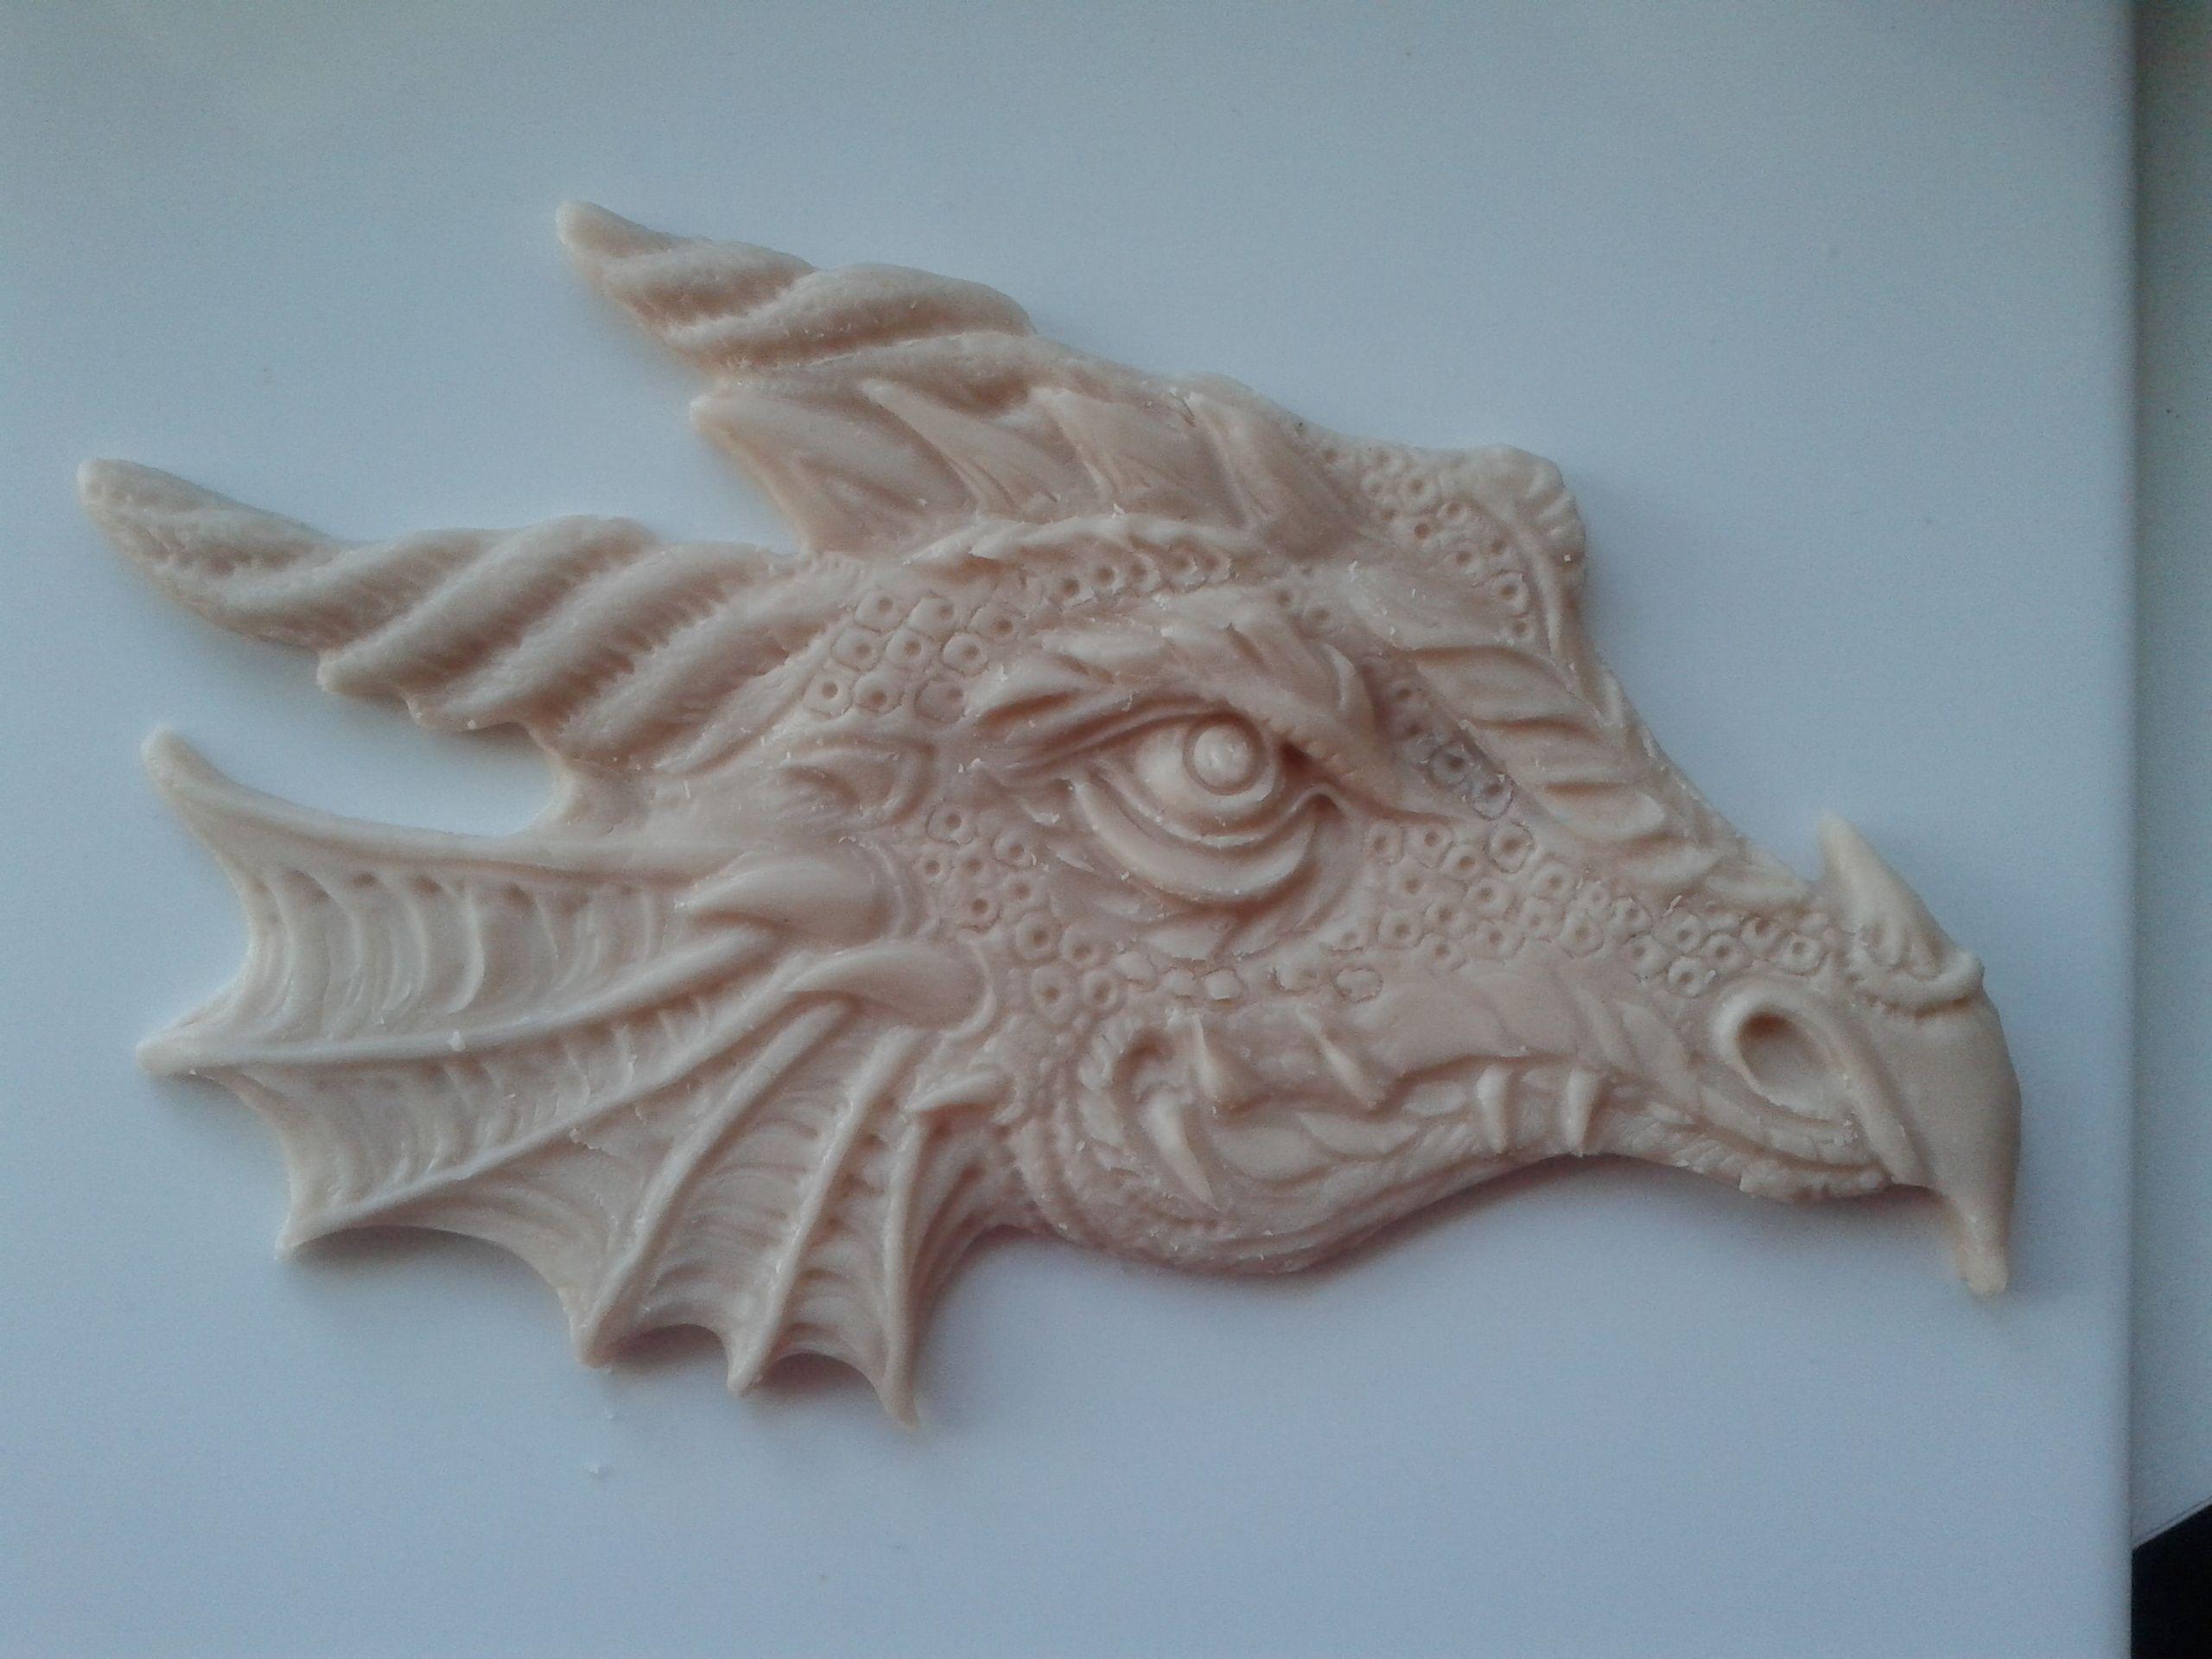 Clay Dragon Head Aaabbcebffacdecc